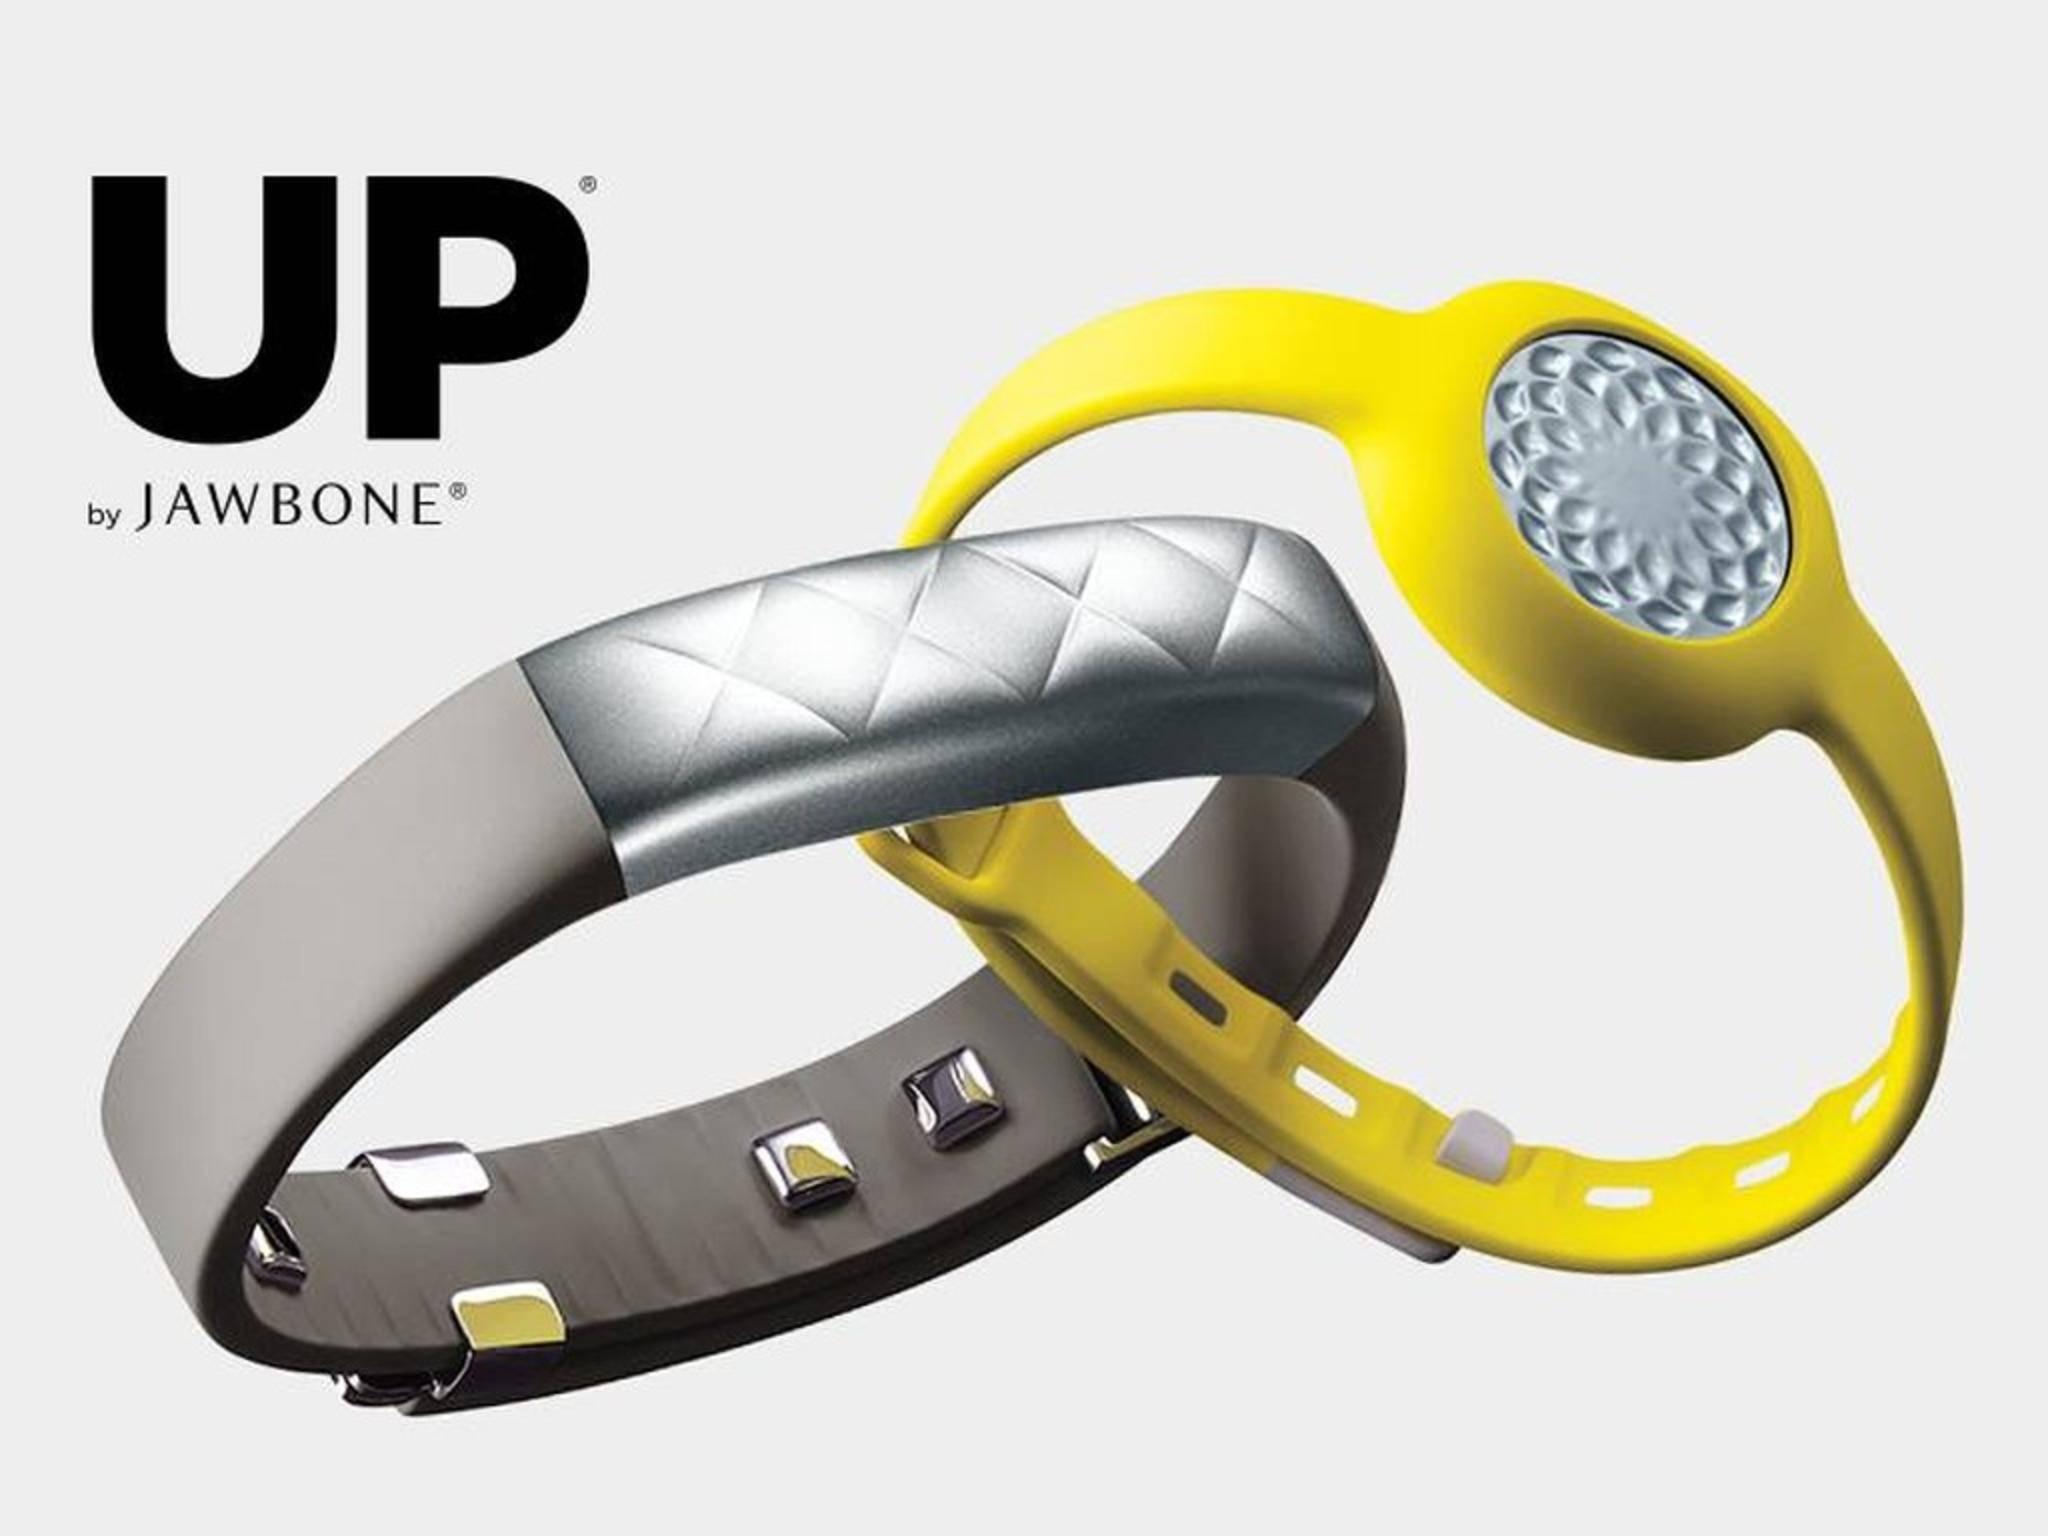 Der Jawbone Up3 soll kleiner, leichter und komfortabler als sein Vorgänger Up24 sein.